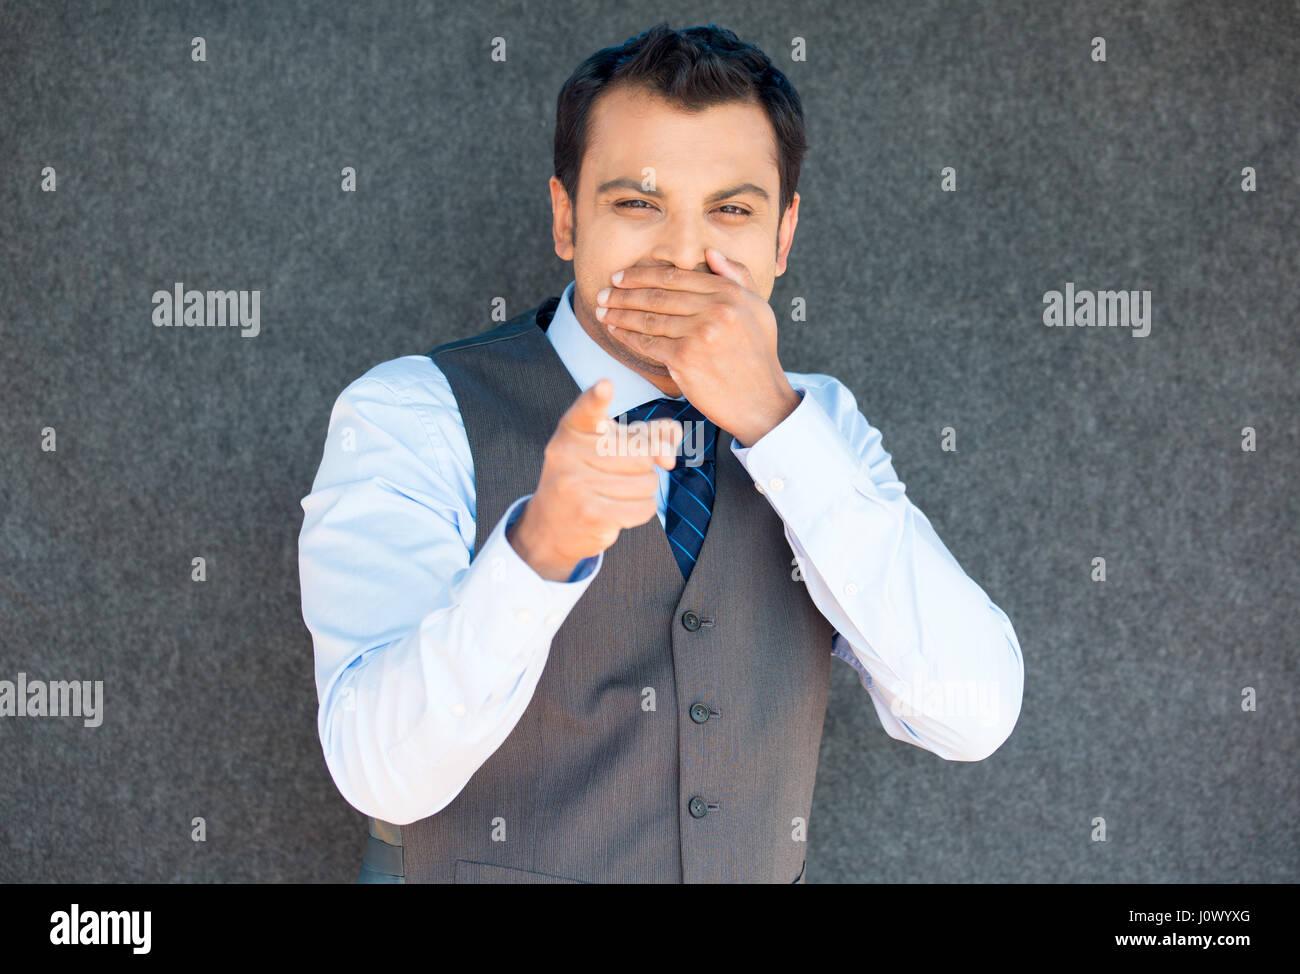 Closeup retrato de guapo excitado, gerente boss man en chaleco y corbata, feliz sonrisa, apuntando hacia los dedos en el gesto de cámara, aislada gr Foto de stock